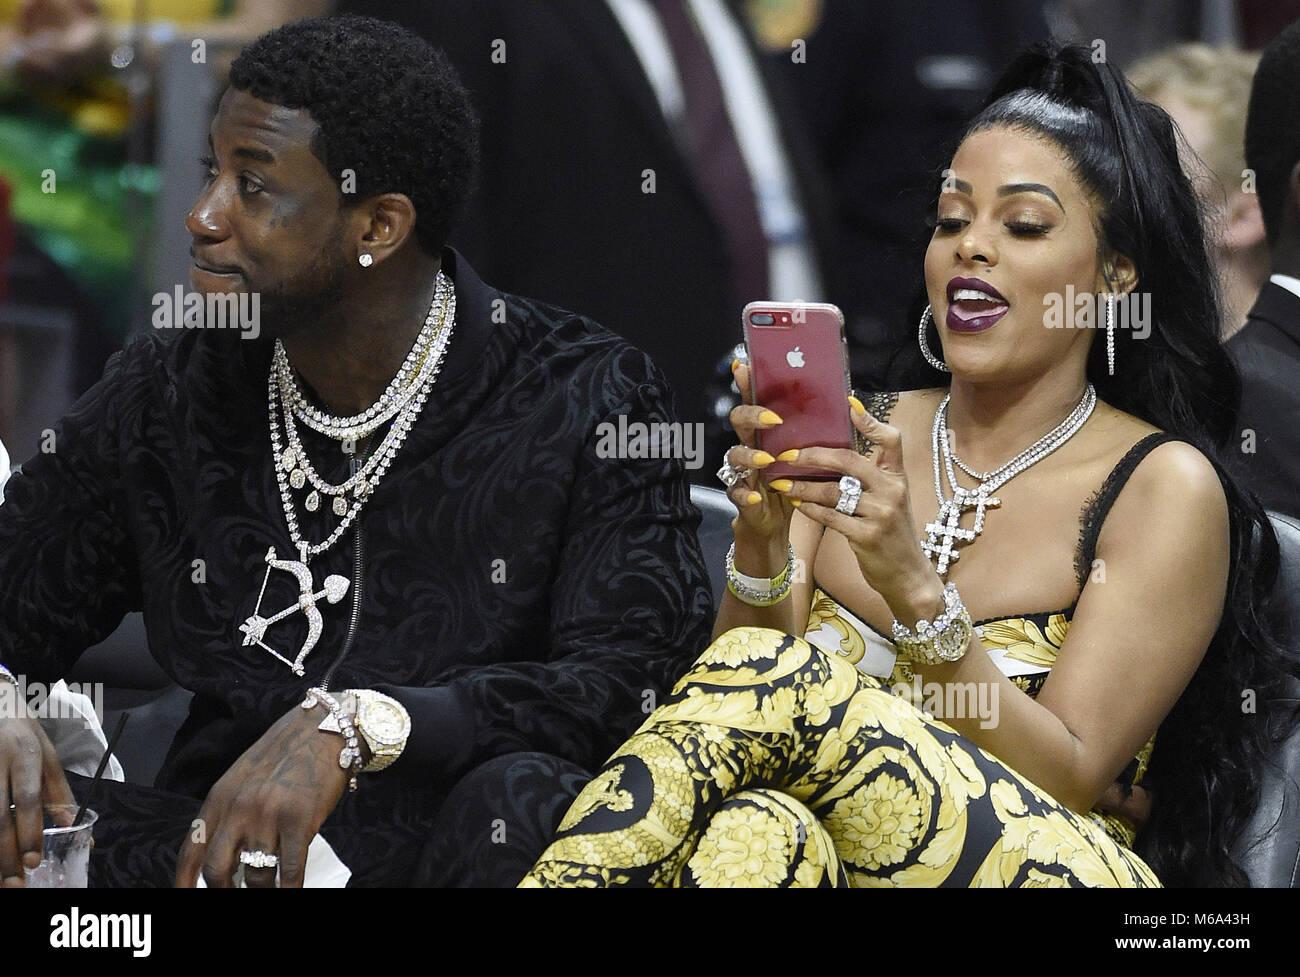 Miami, FL, USA. 01st Mar, 2018. Rapper Gucci Mane and his